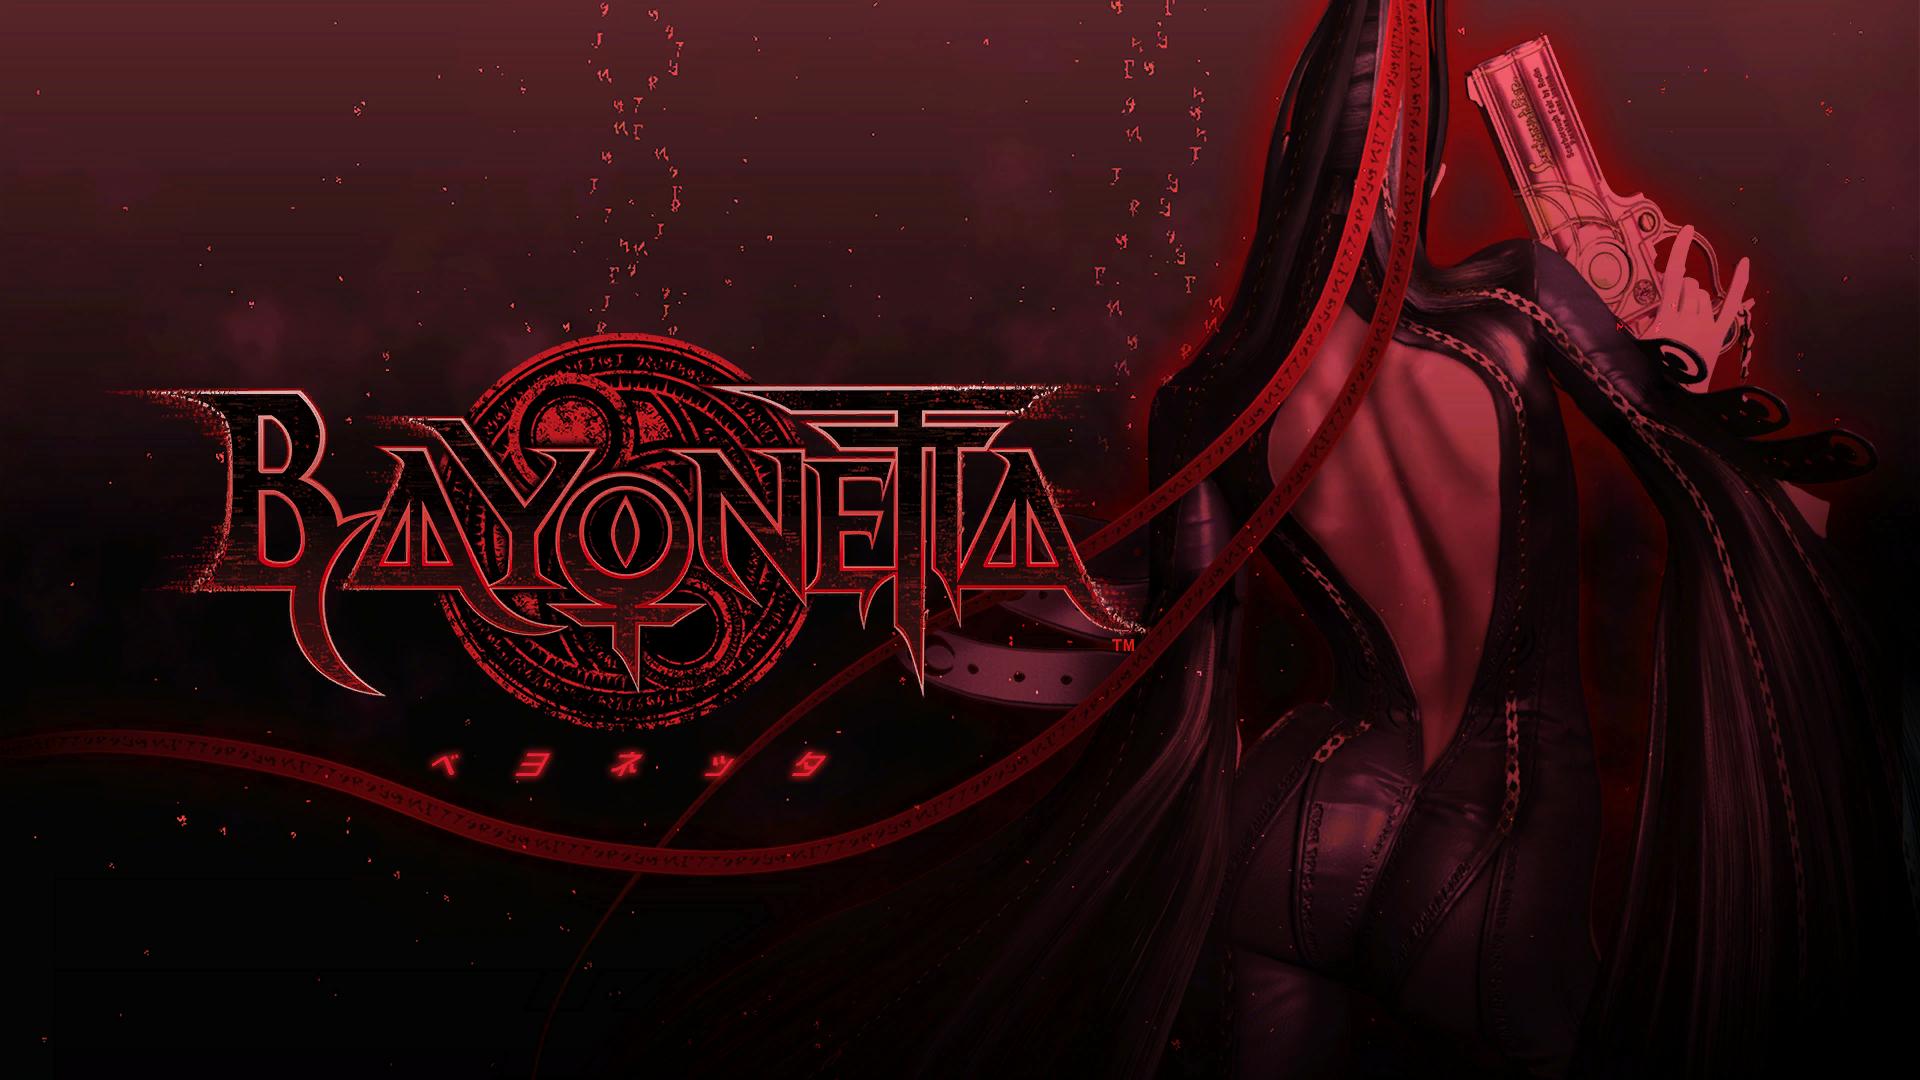 Bayonetta & Vanquish (1)